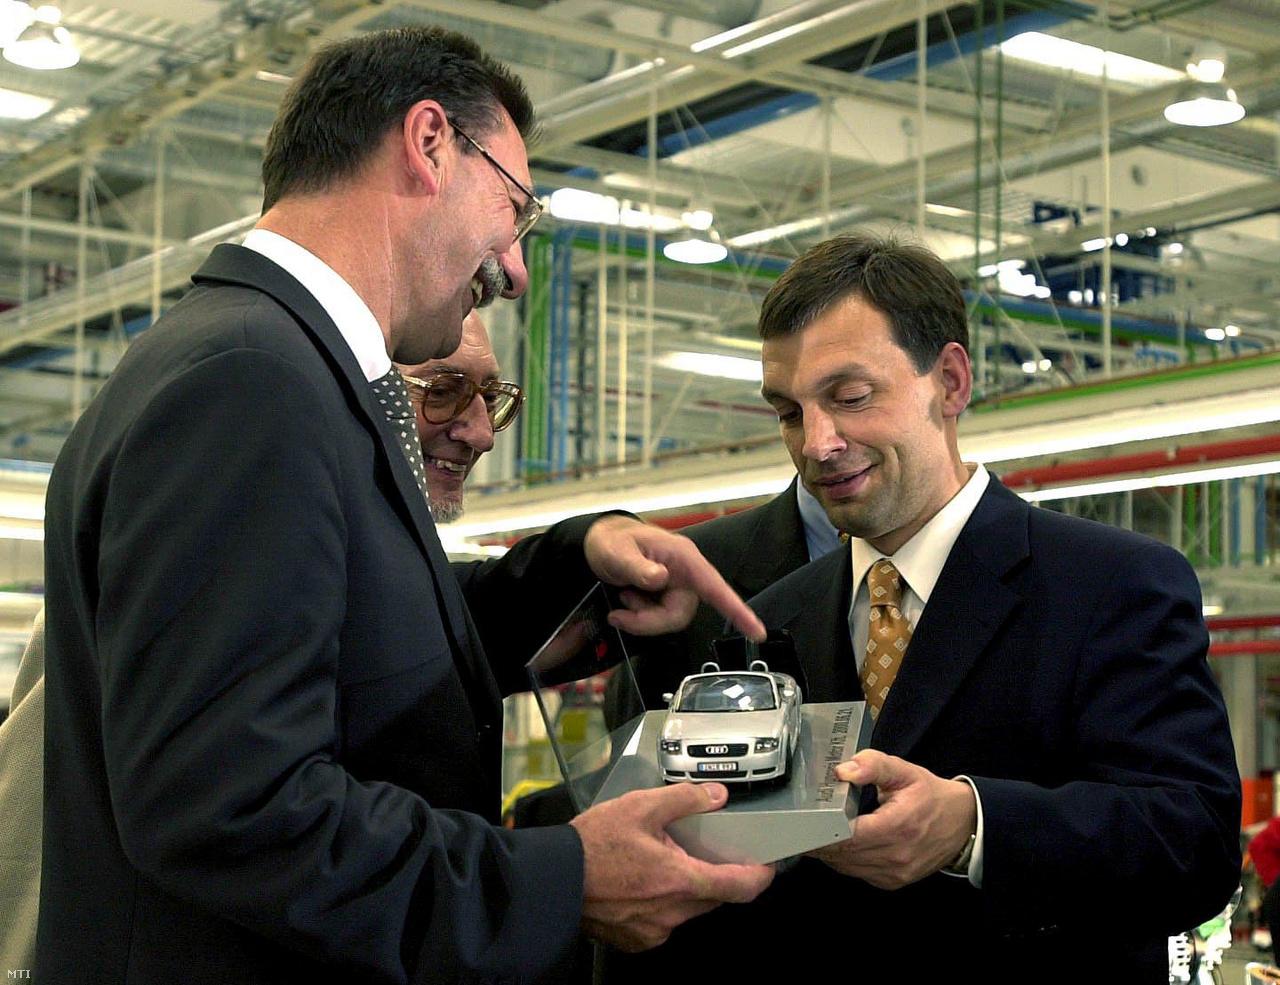 Jürgen Gebhardt, az Audi AG igazgatótanácsának tagja egy TT-modellt ajándékoz Orbán Viktor miniszterelnöknek a győri Audi Hungária Motor Kft. üzemében tett látogatásakor 2000. június 21-én, ahol a miniszterelnök megtekintette a TT sportkocsik összeszerelését, majd felkereste a vállalat legmodernebb technológiáját képviselő motorgyárat, ahol egy új négyhengeres dízelmotor-generáció gyártását kezdték meg